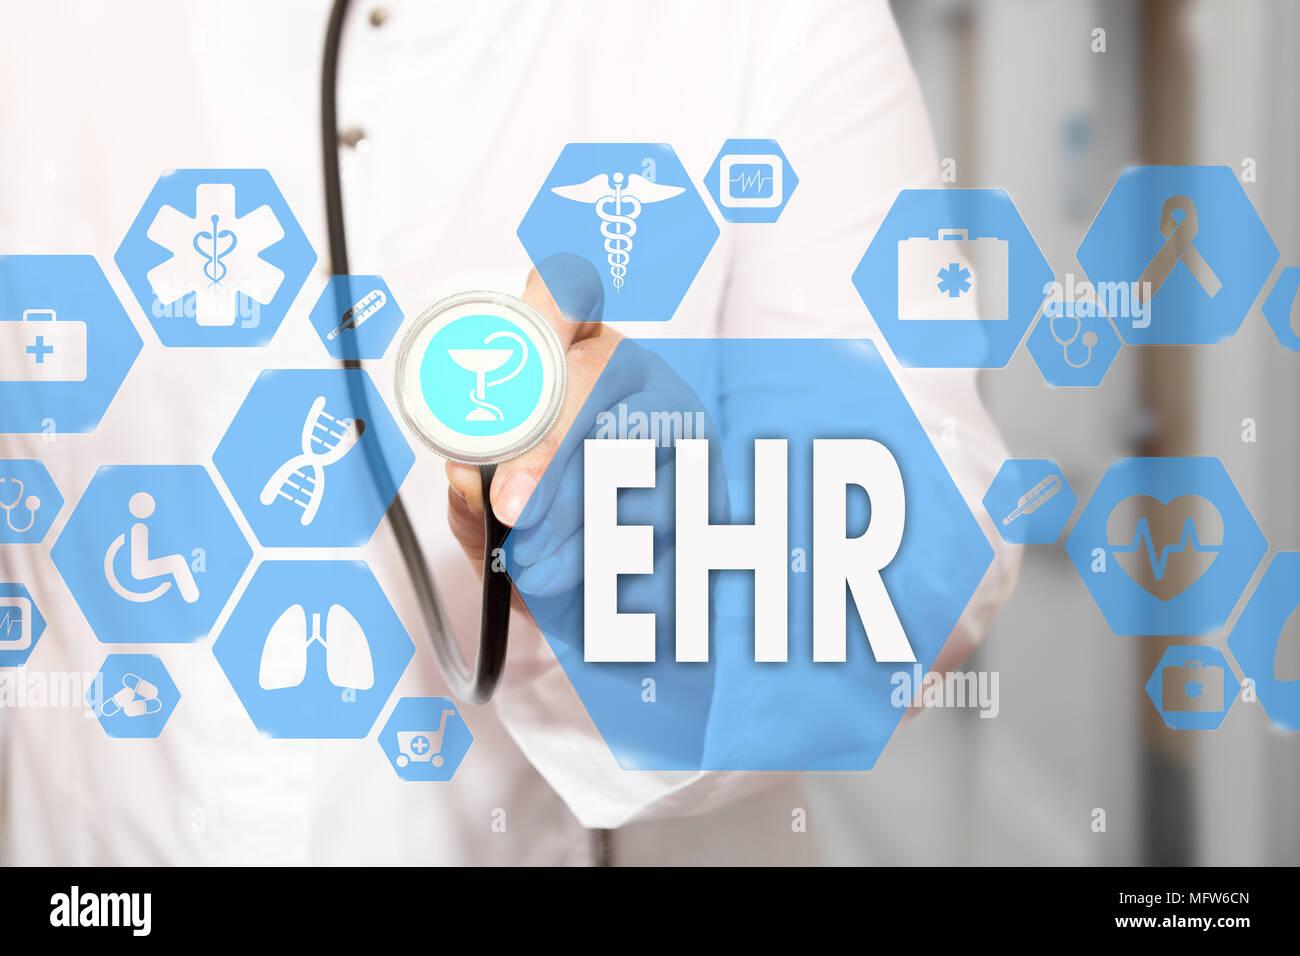 electronic data documentation hospitals